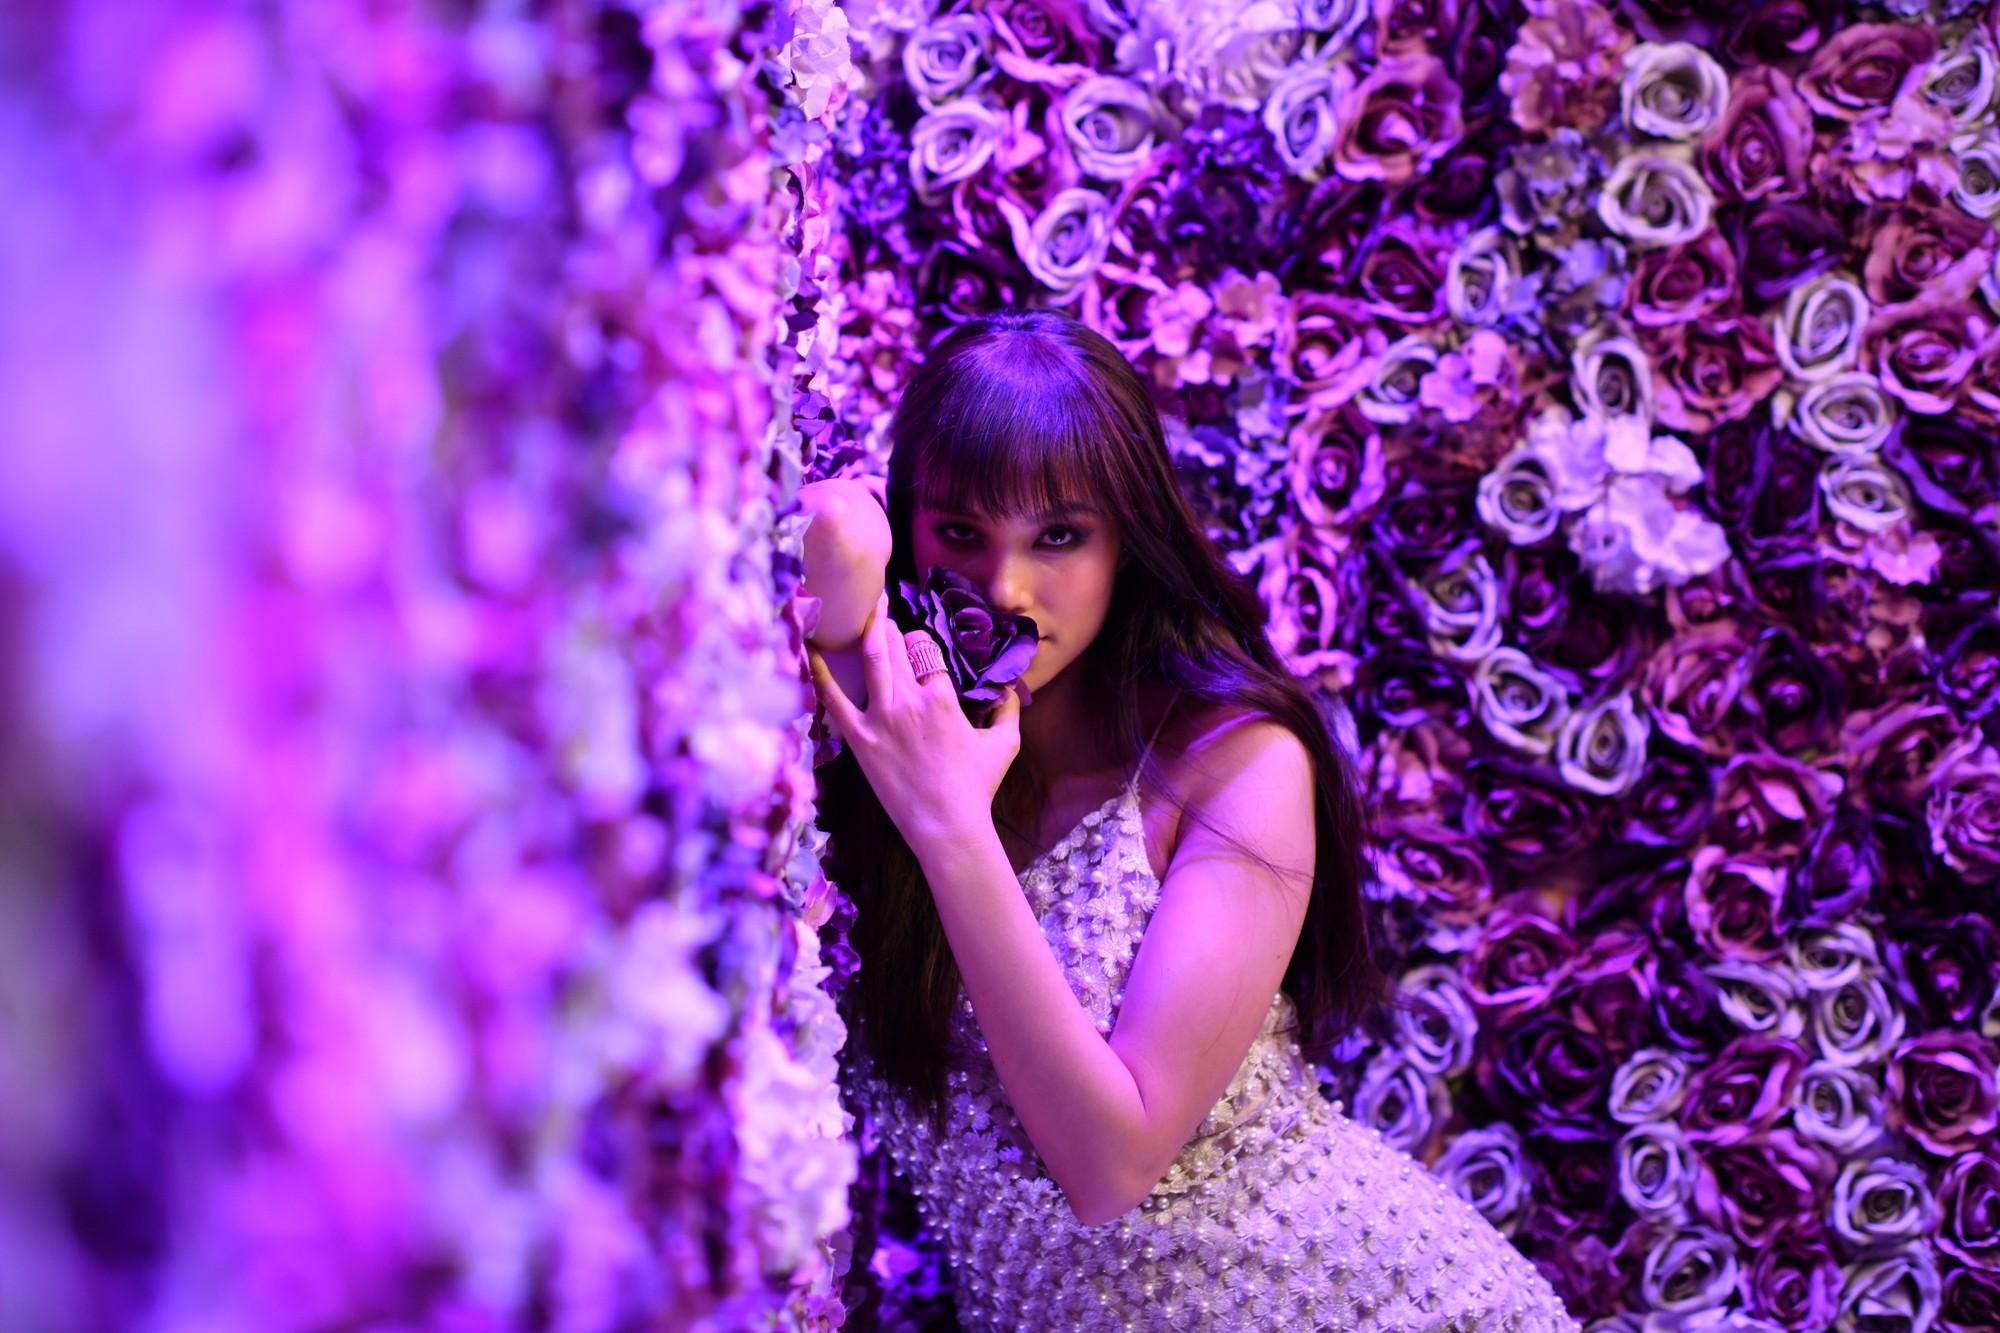 Phạm Hương trở thành nàng thơ của nhiếp ảnh gia quốc tế  - Ảnh 3.